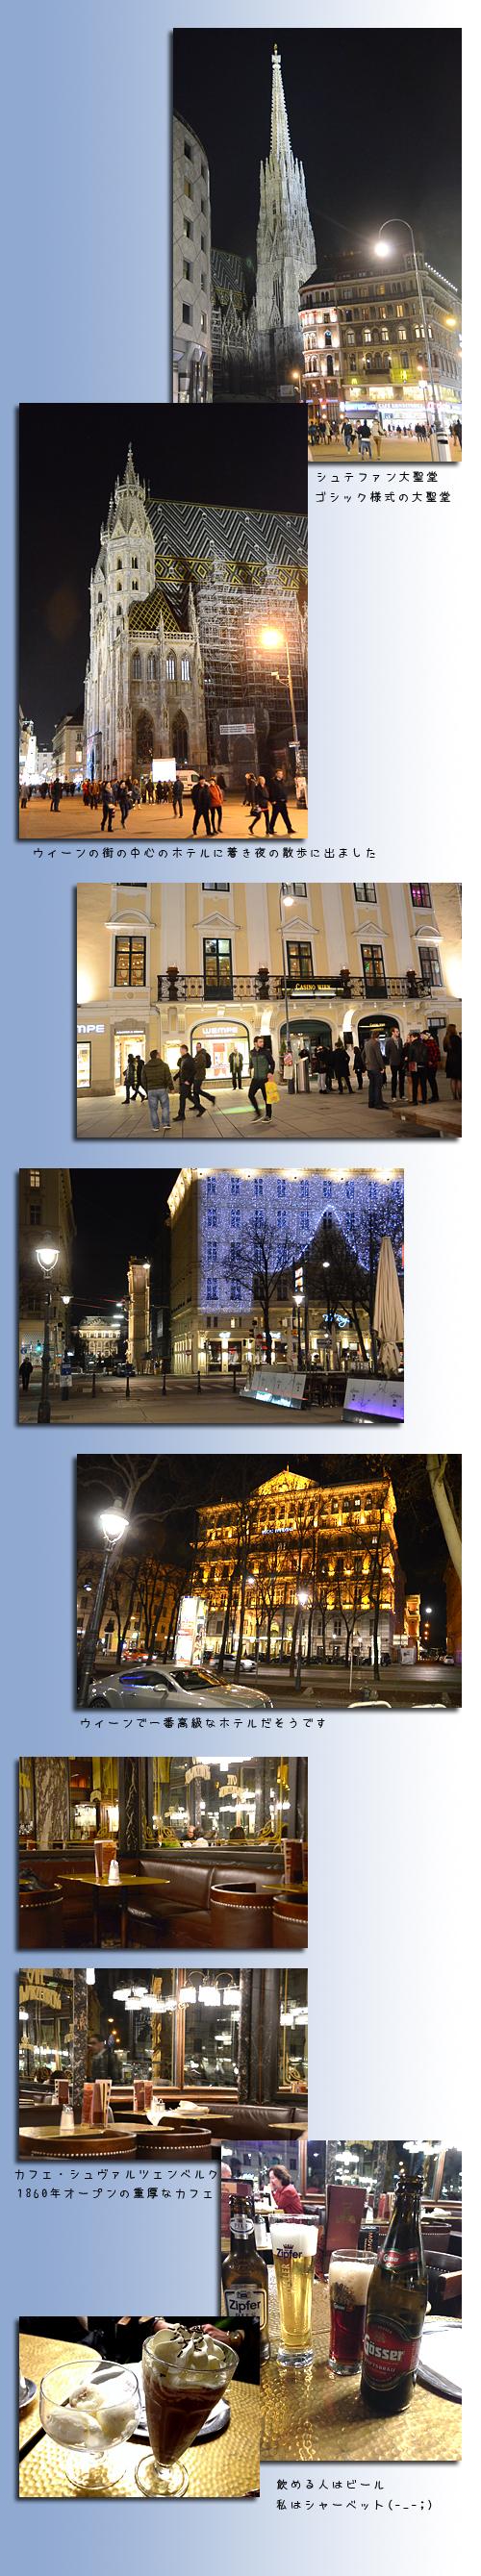 3月22日ウィーン2